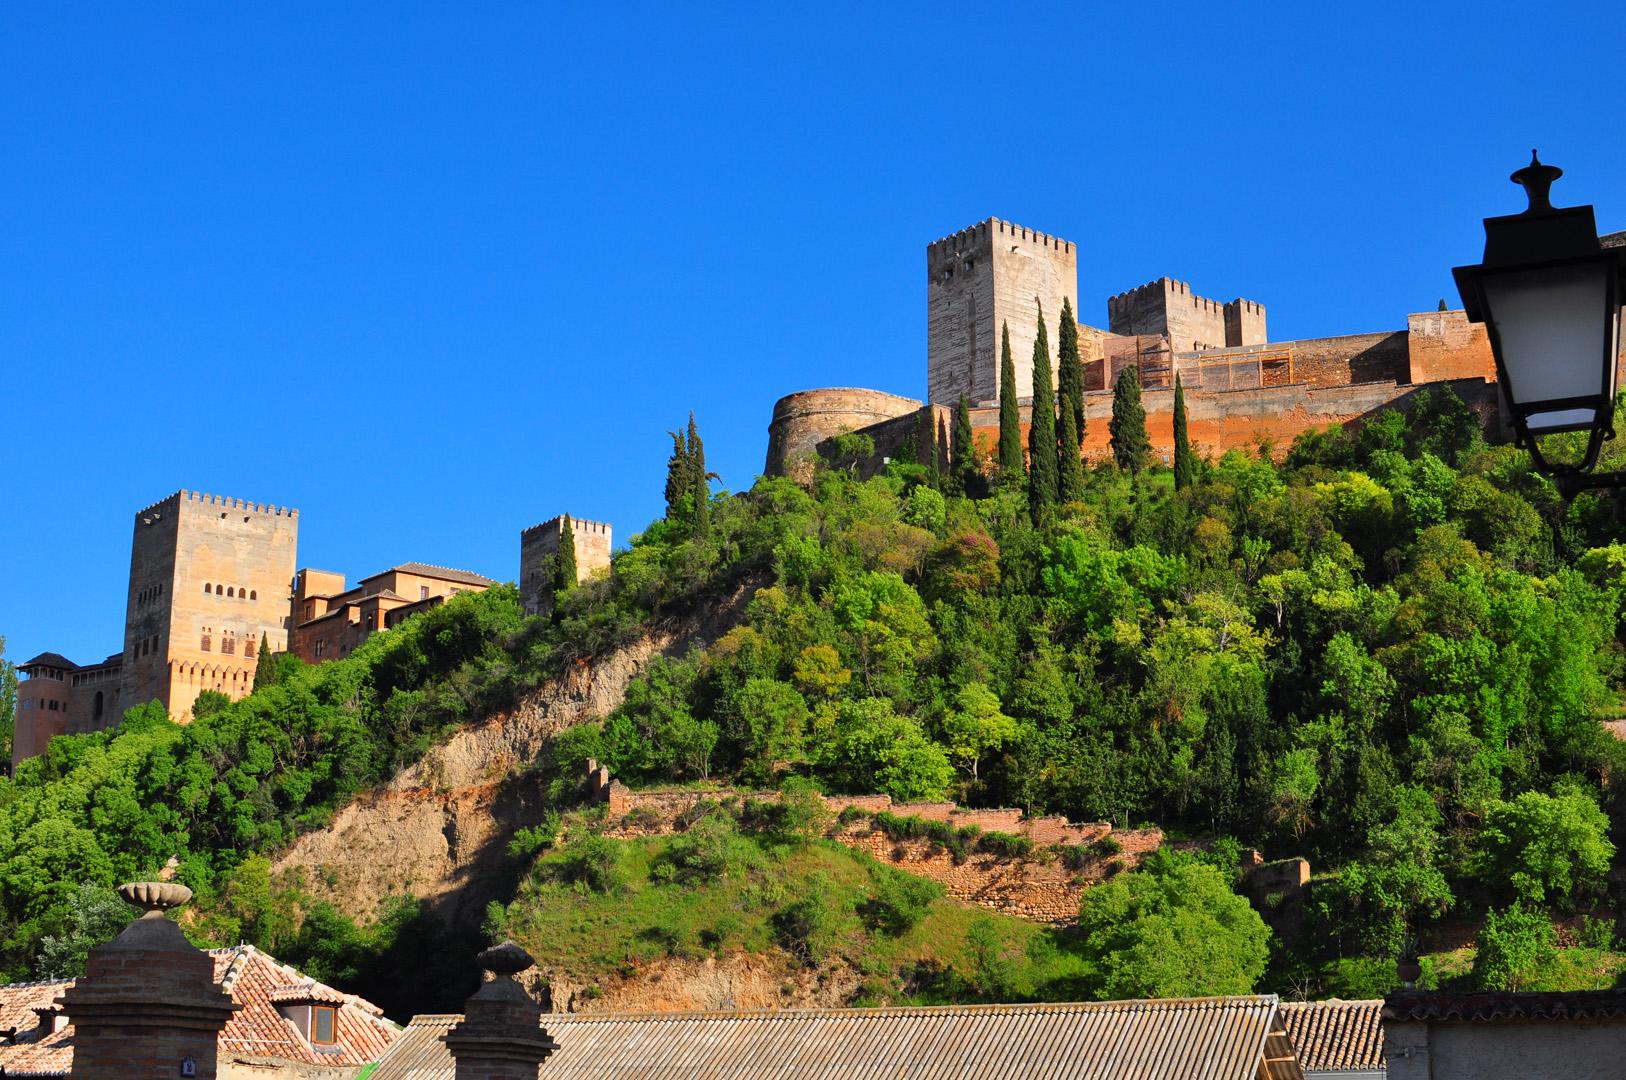 Otra toma de la Alhambra